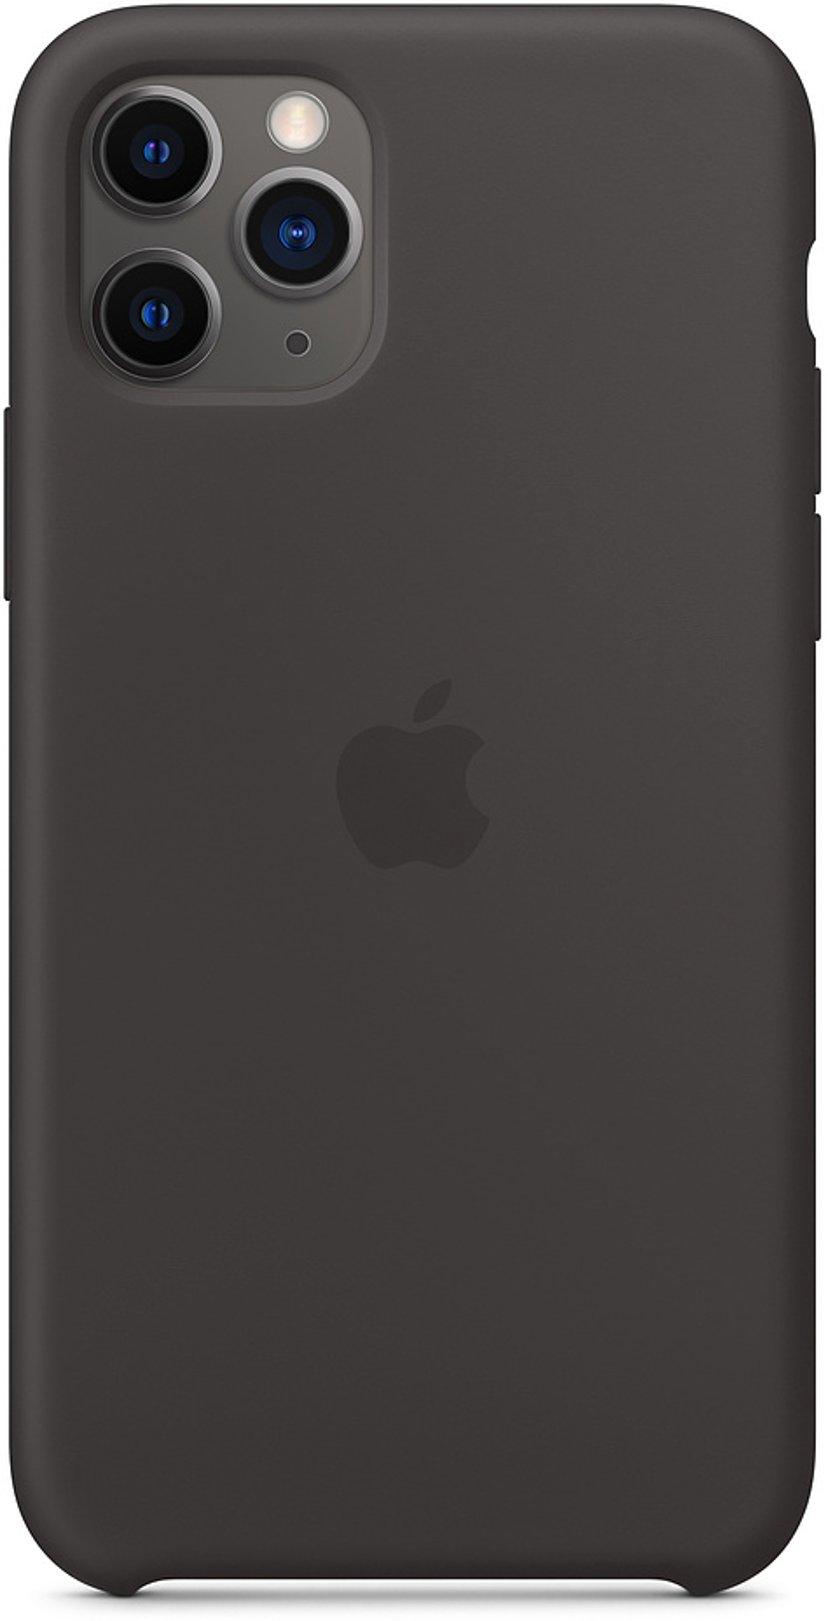 Apple Baksidesskydd för mobiltelefon iPhone 11 Pro Svart